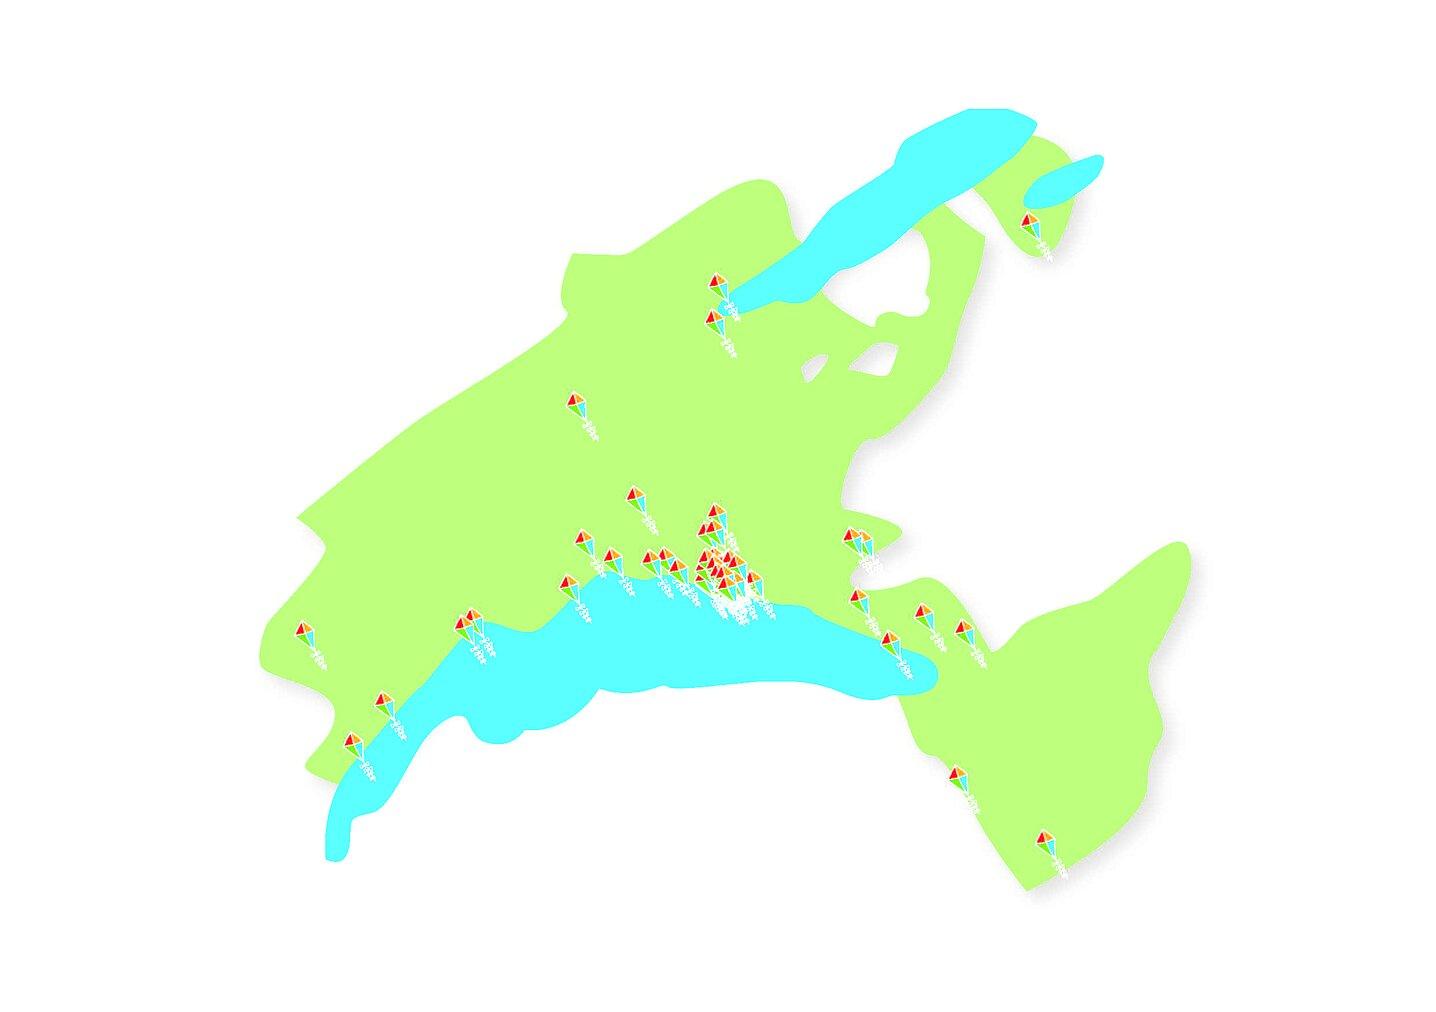 Carte des lieux d'accueil vaudois